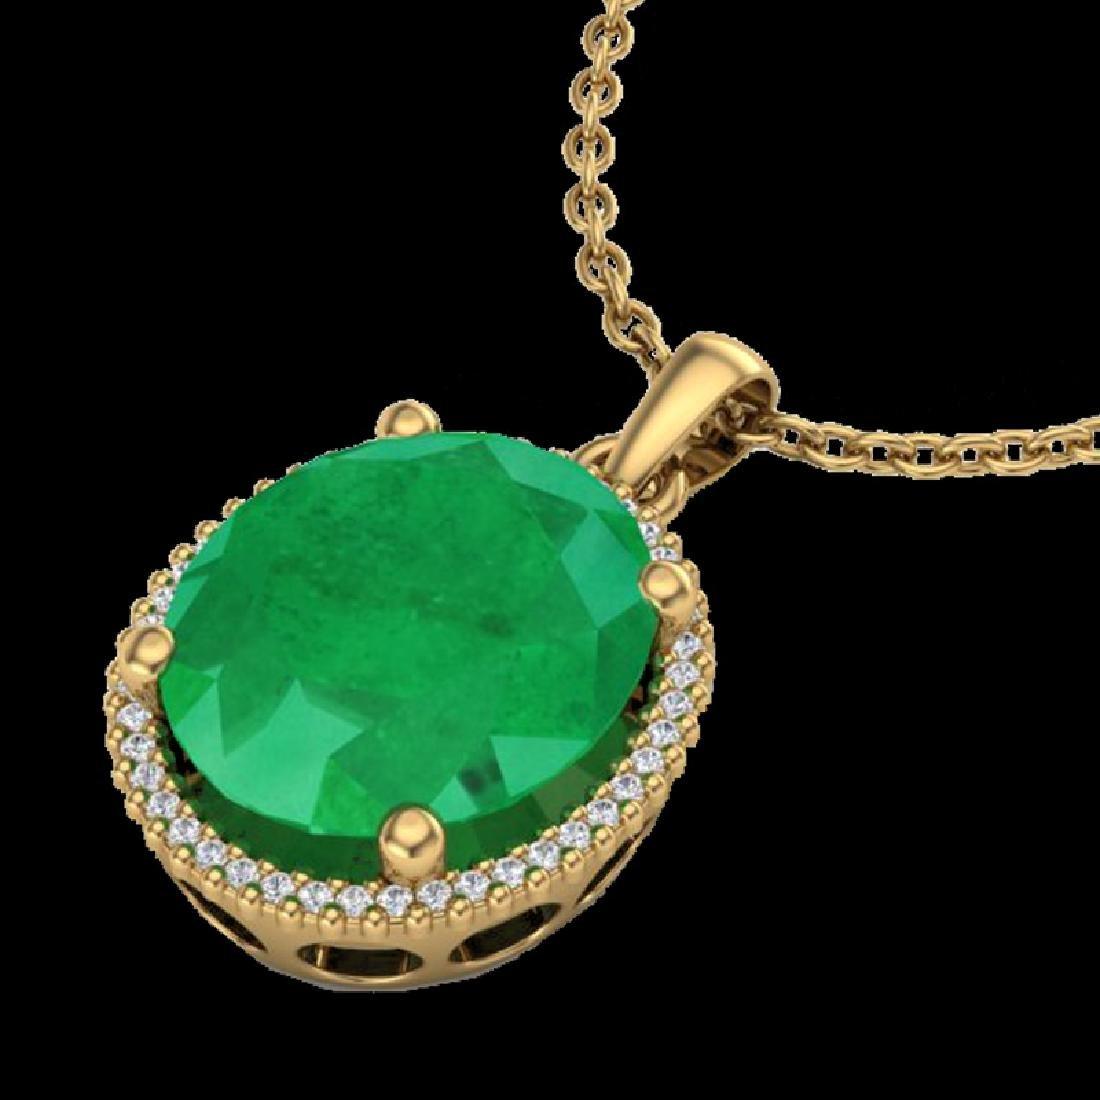 12 CTW Emerald & Micro Pave VS/SI Diamond Halo Necklace - 2